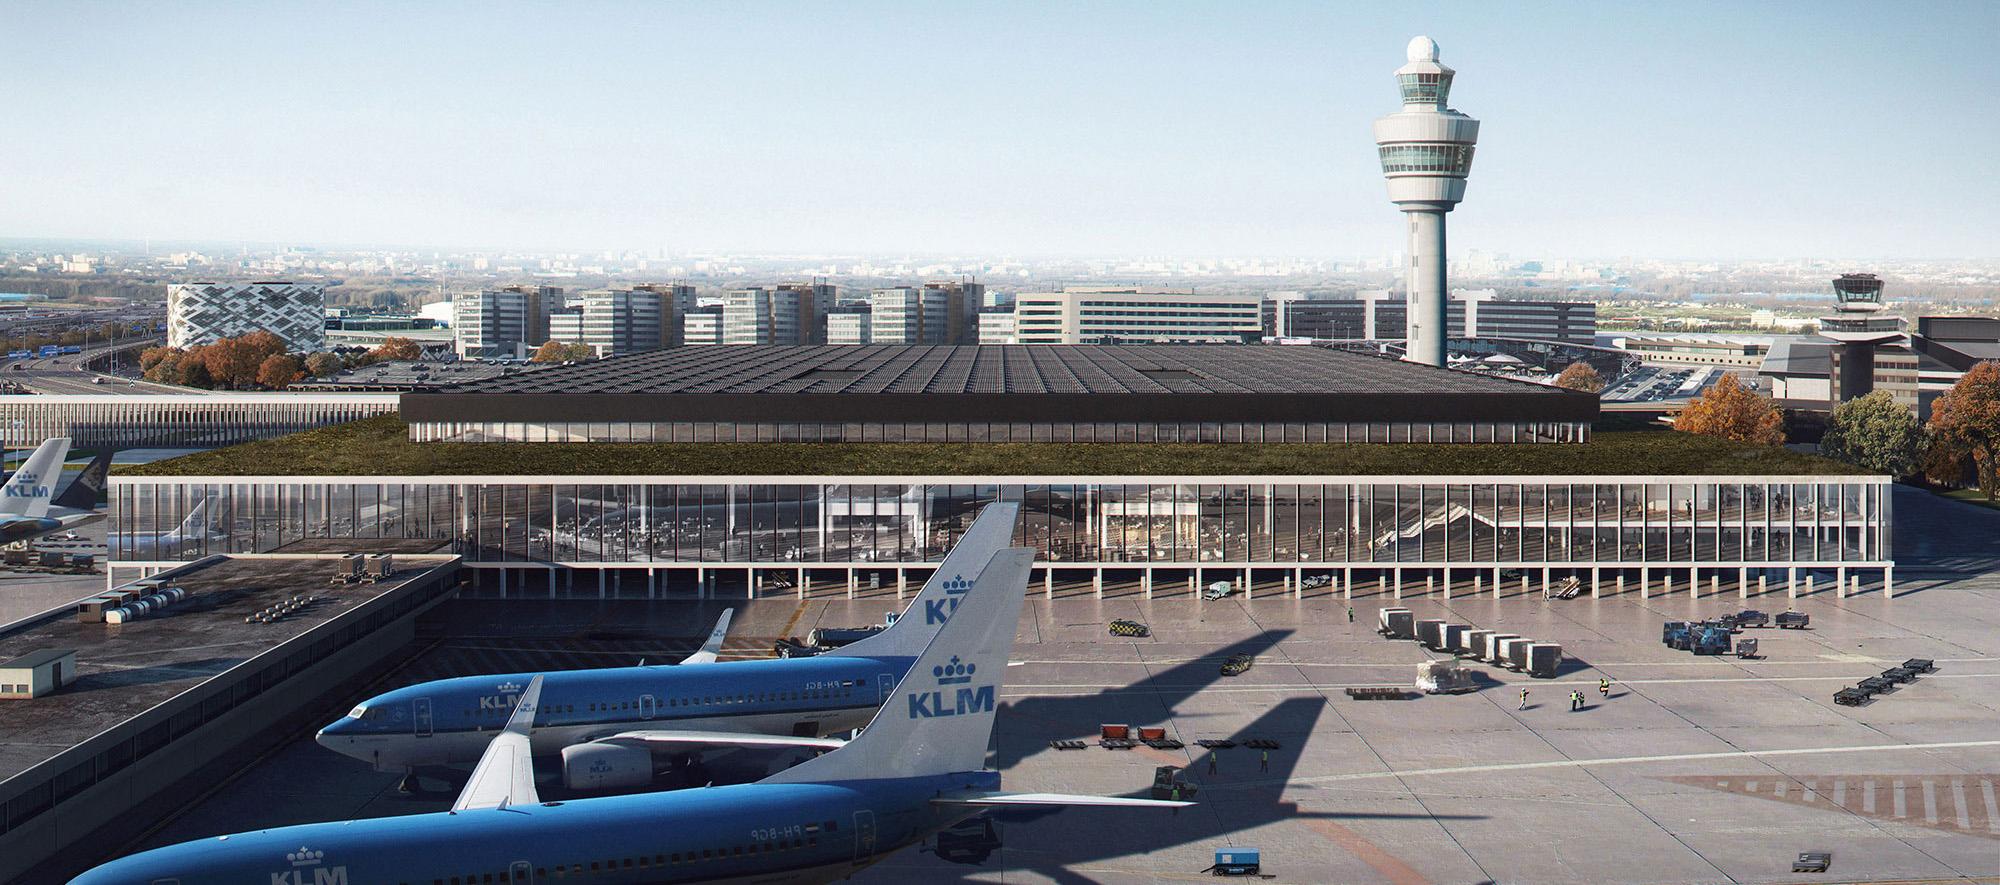 Nueva terminal del Aeropuerto de Schiphol Amsterdam © Beauty & The Bit